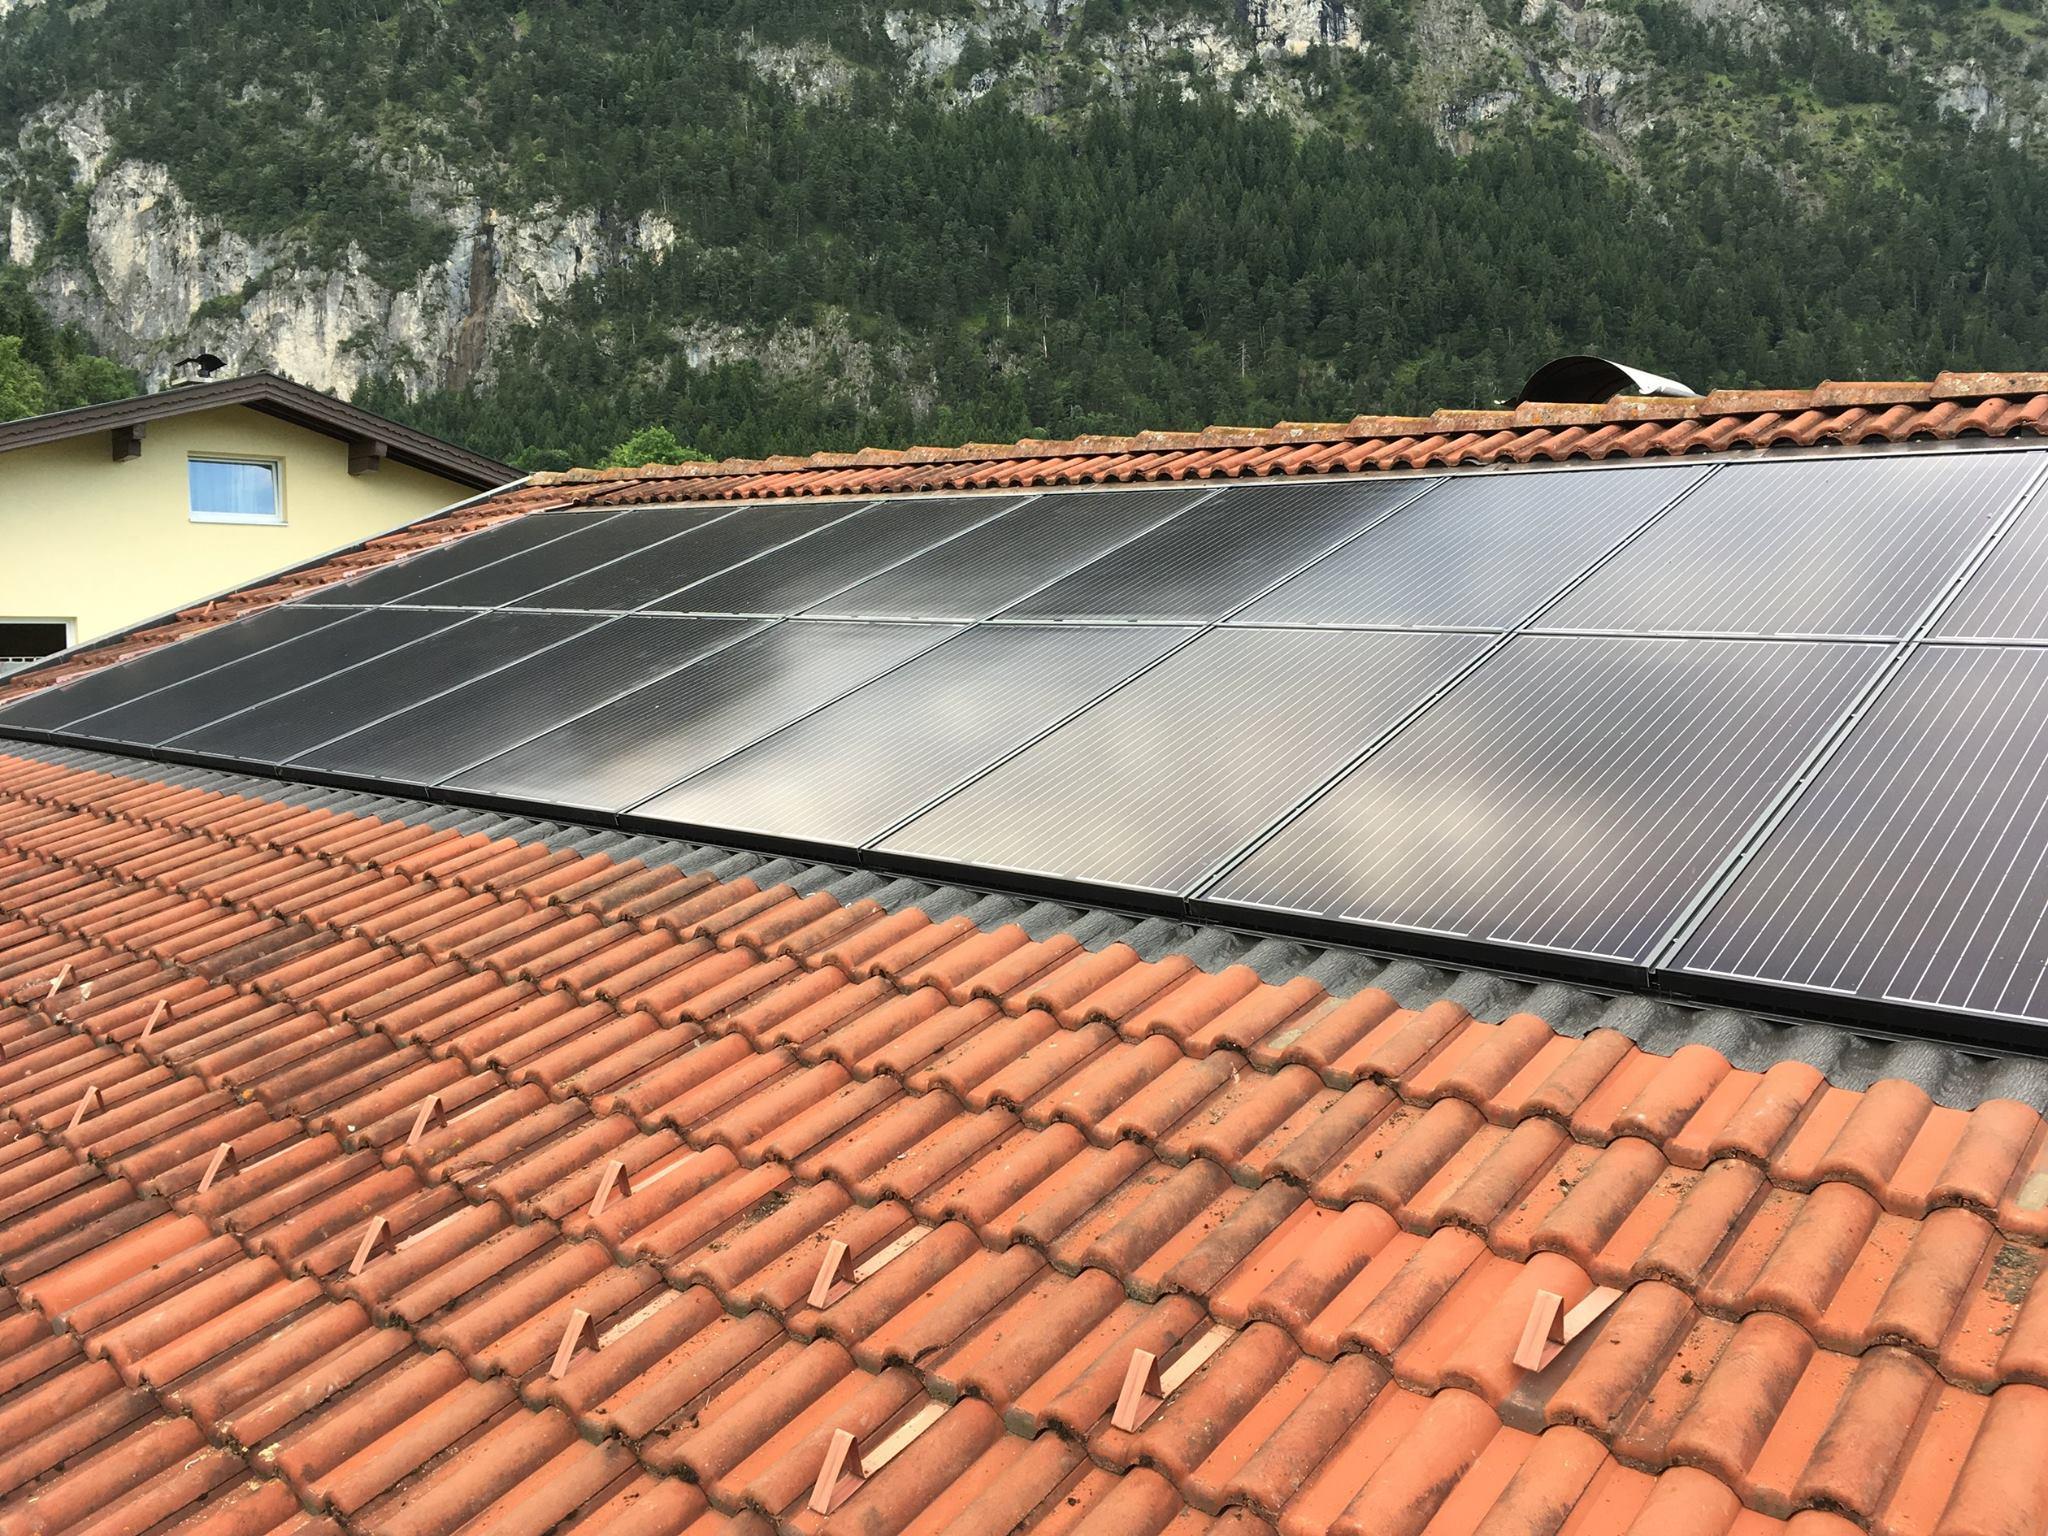 Refitting: Ihre Solaranlage Muss Getauscht Werden?